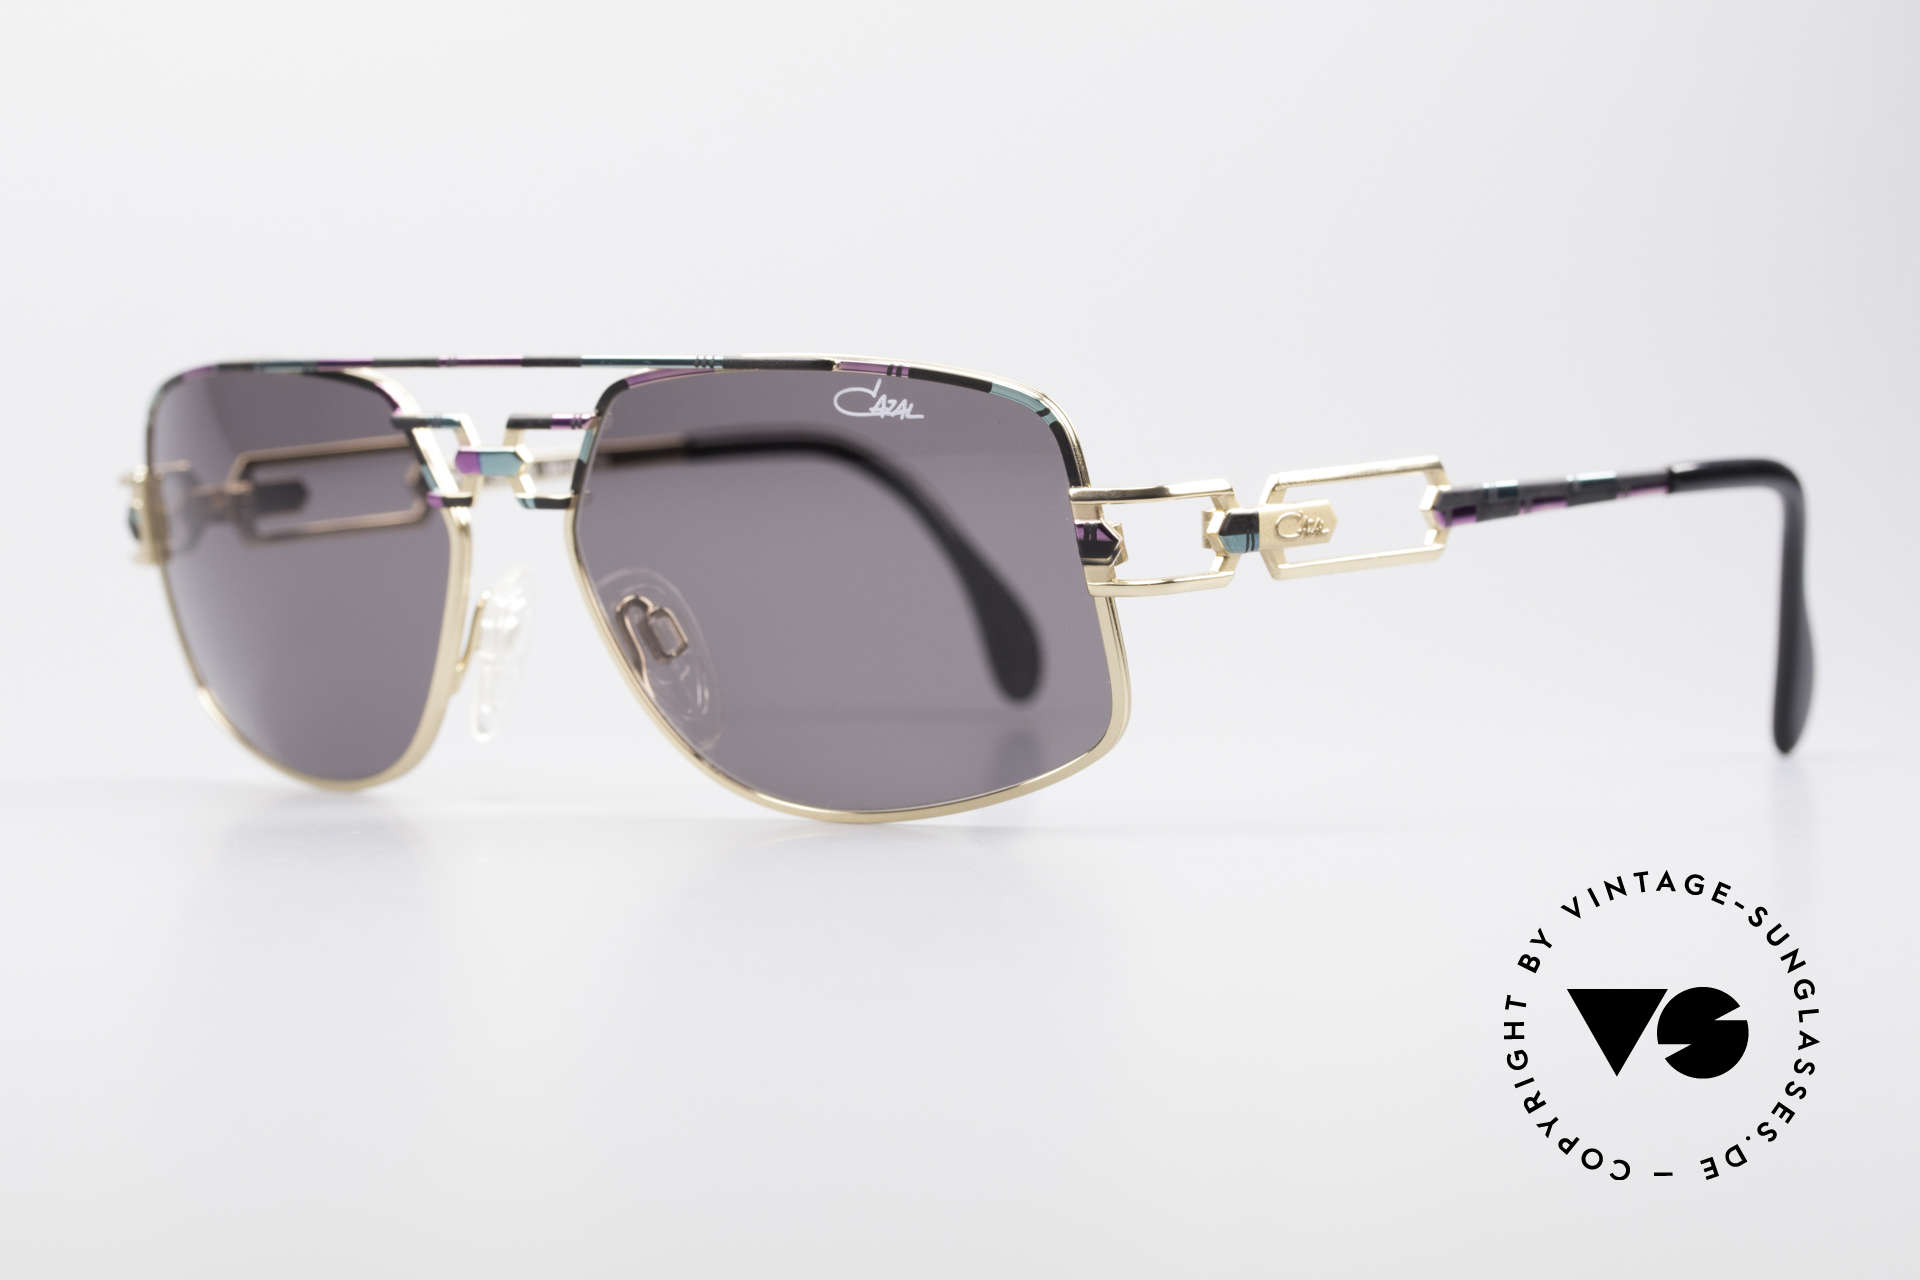 Cazal 972 No Retro Brille True Vintage, außergewöhnliche Rahmenlackierung: rosé-mint-schwarz, Passend für Herren und Damen